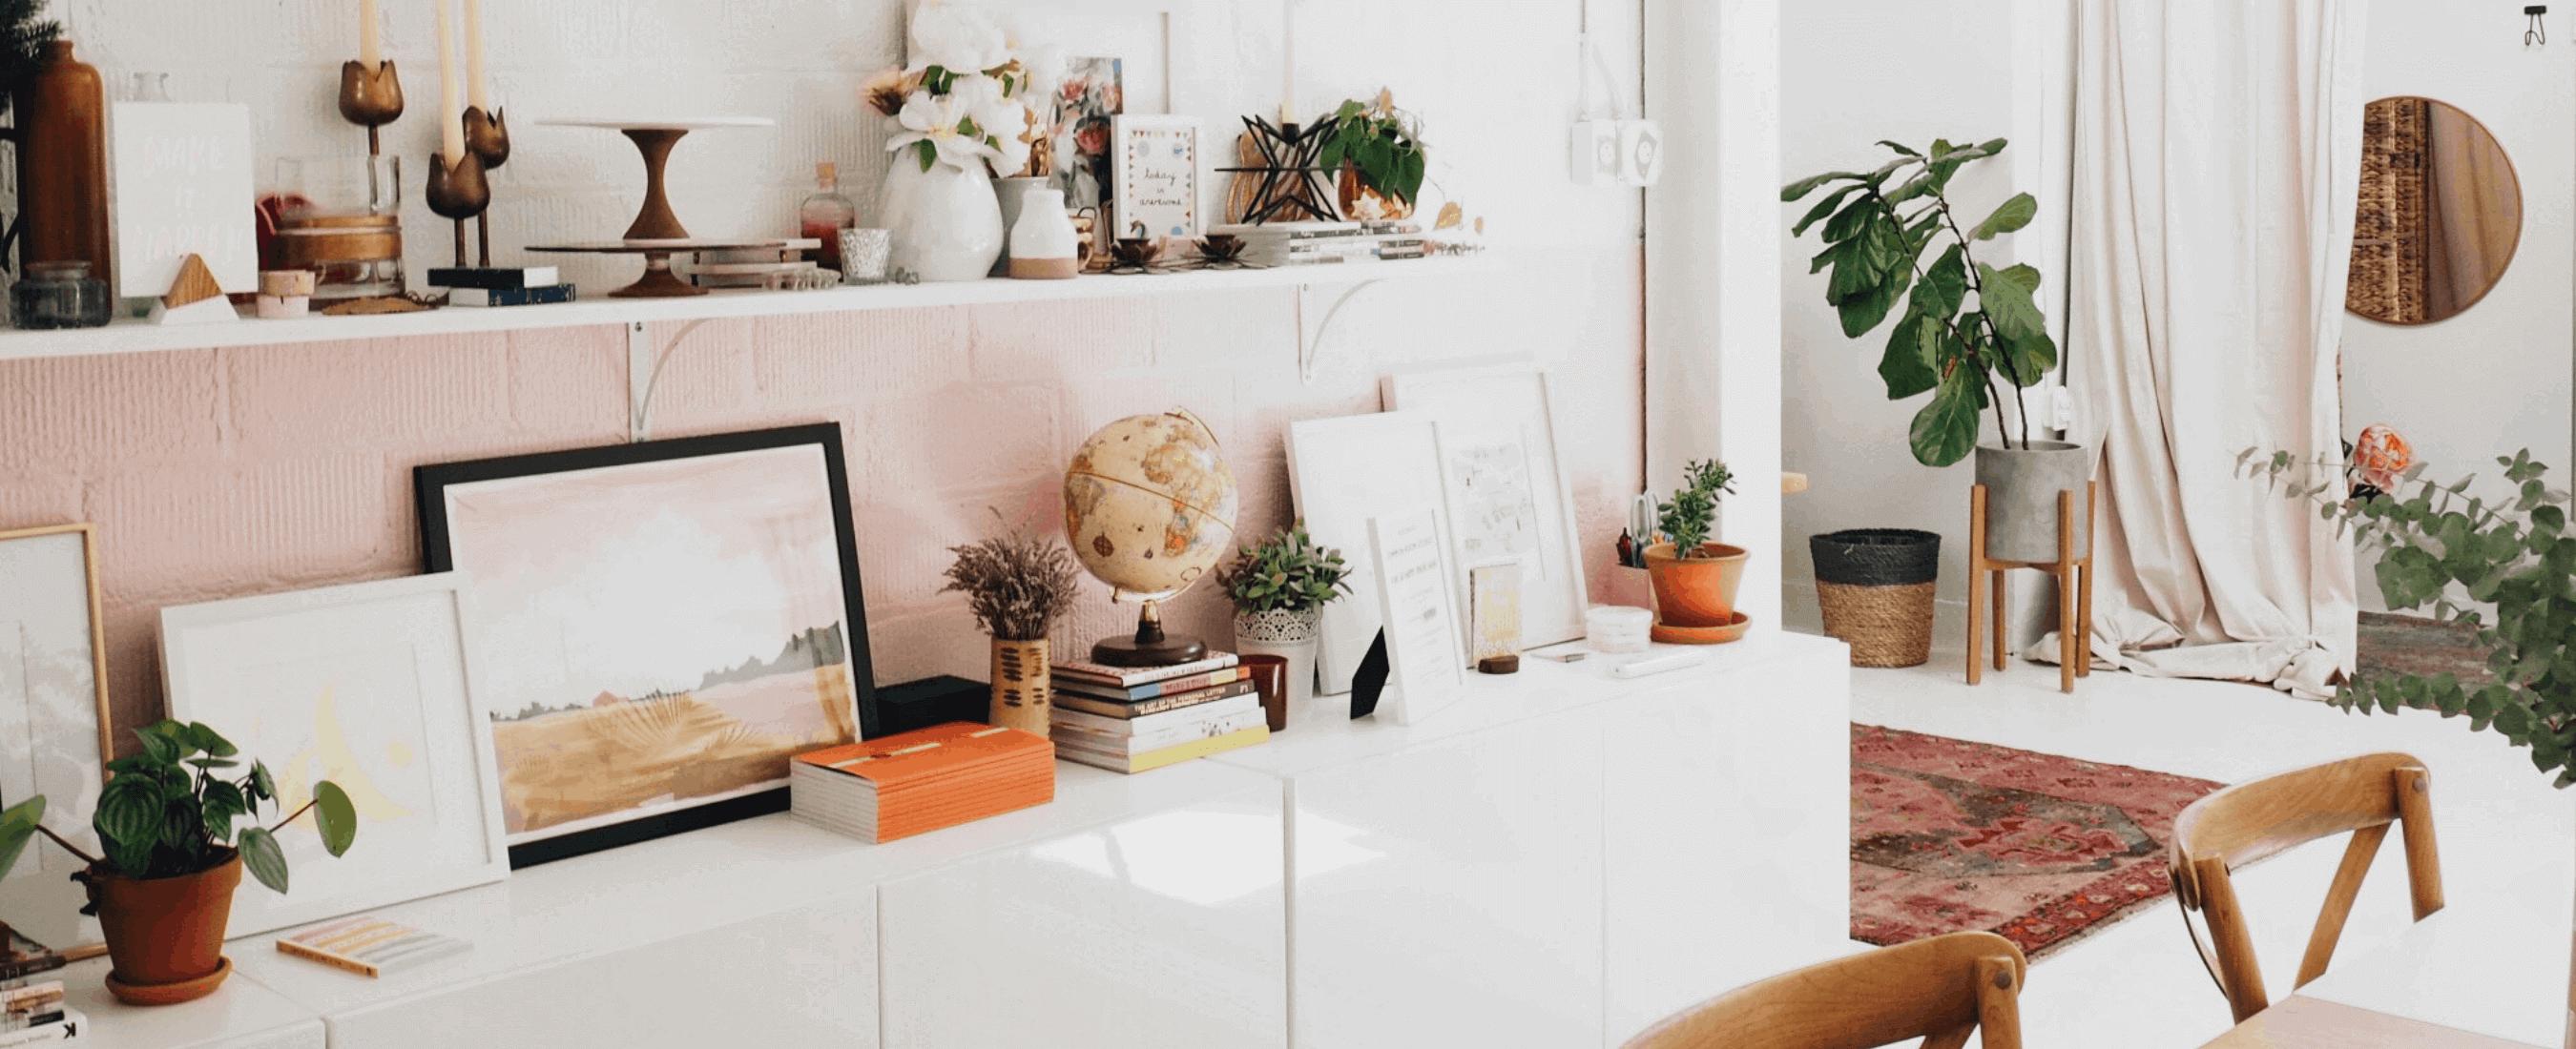 Home Decor Influencers